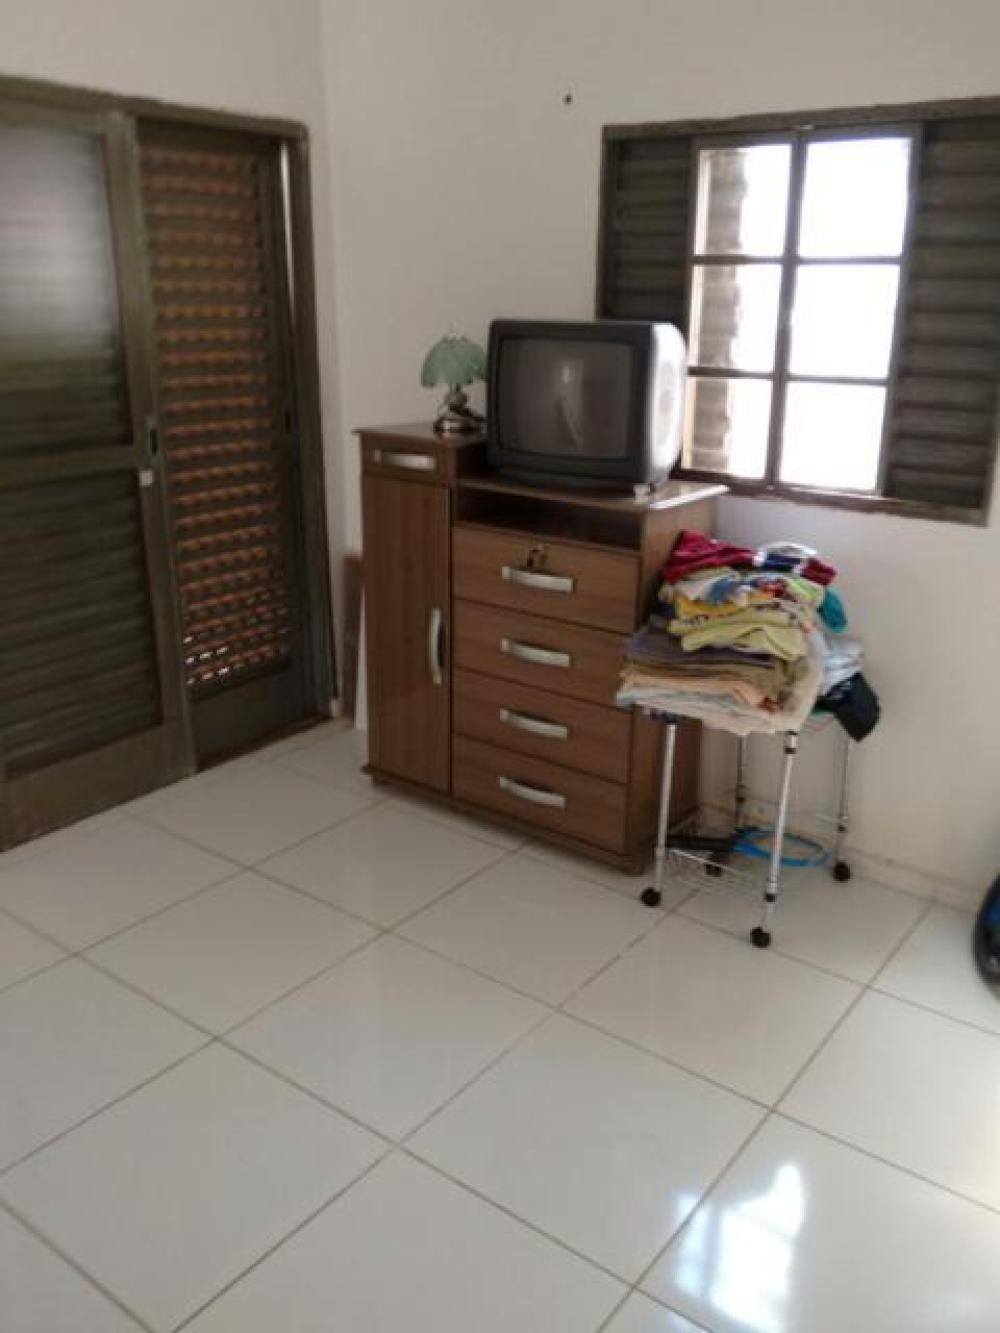 Comprar Casa / Padrão em Mirassol apenas R$ 280.000,00 - Foto 8